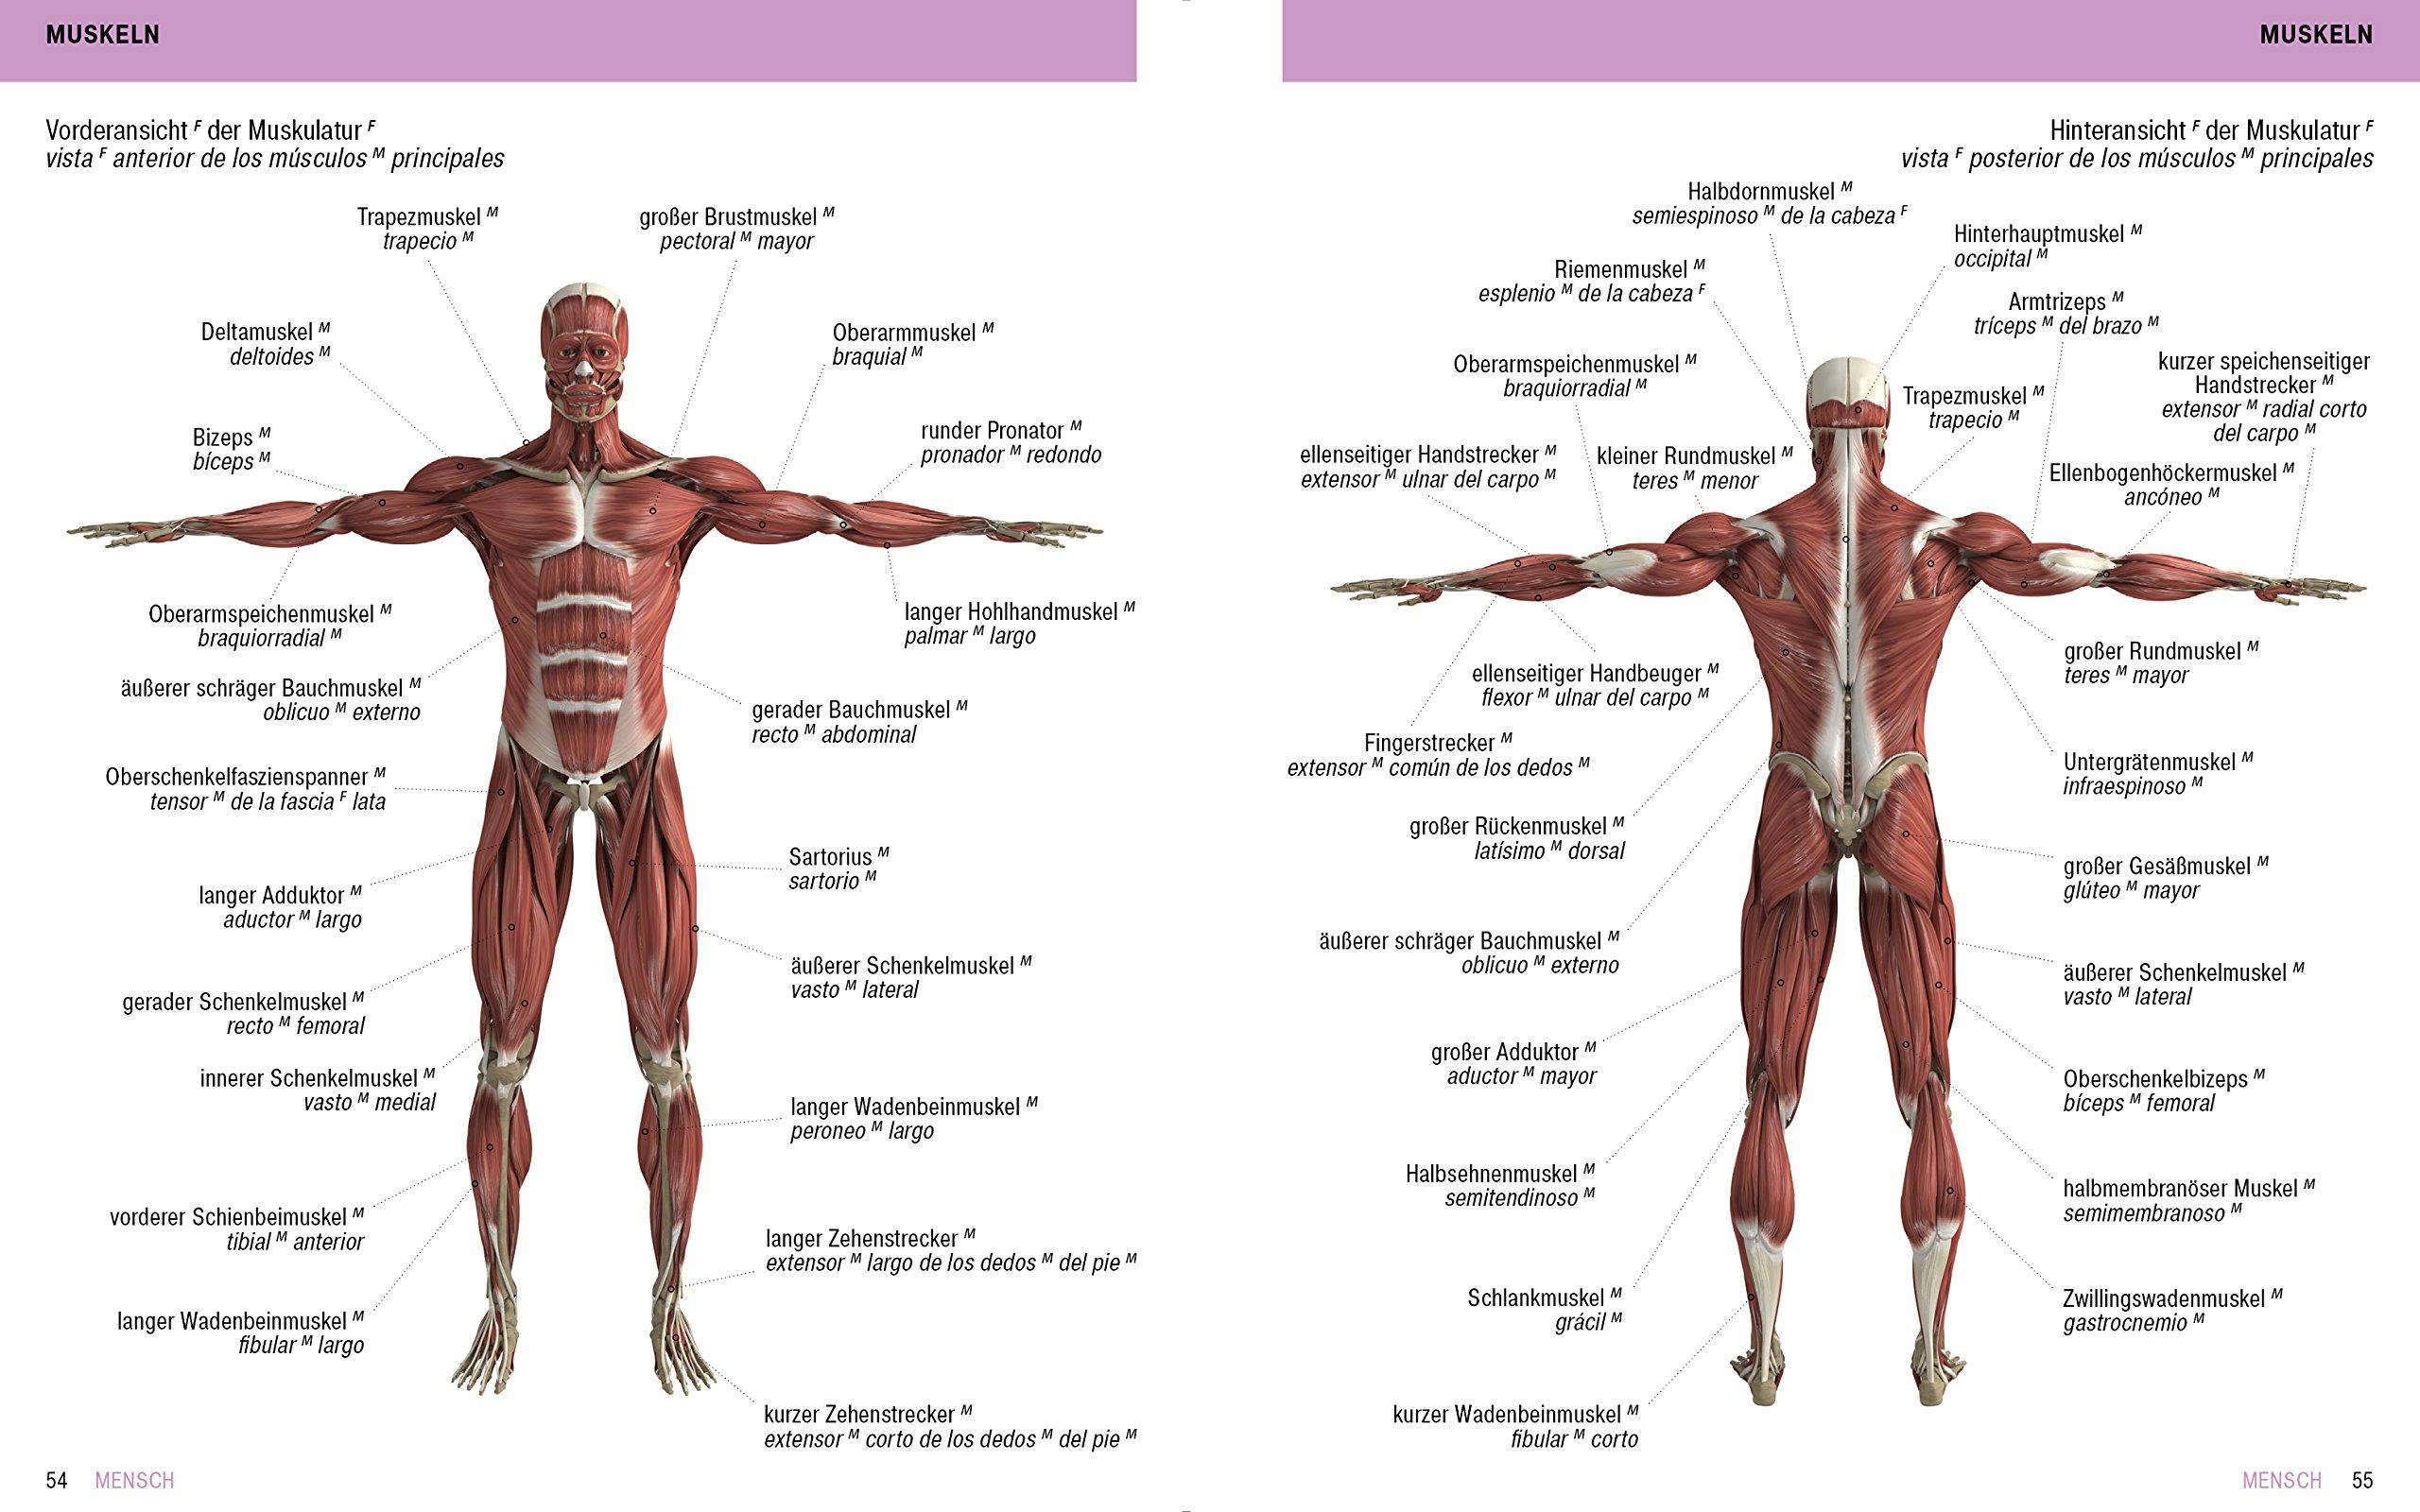 Atemberaubend Muskel Mensch Bilder - Anatomie Von Menschlichen ...